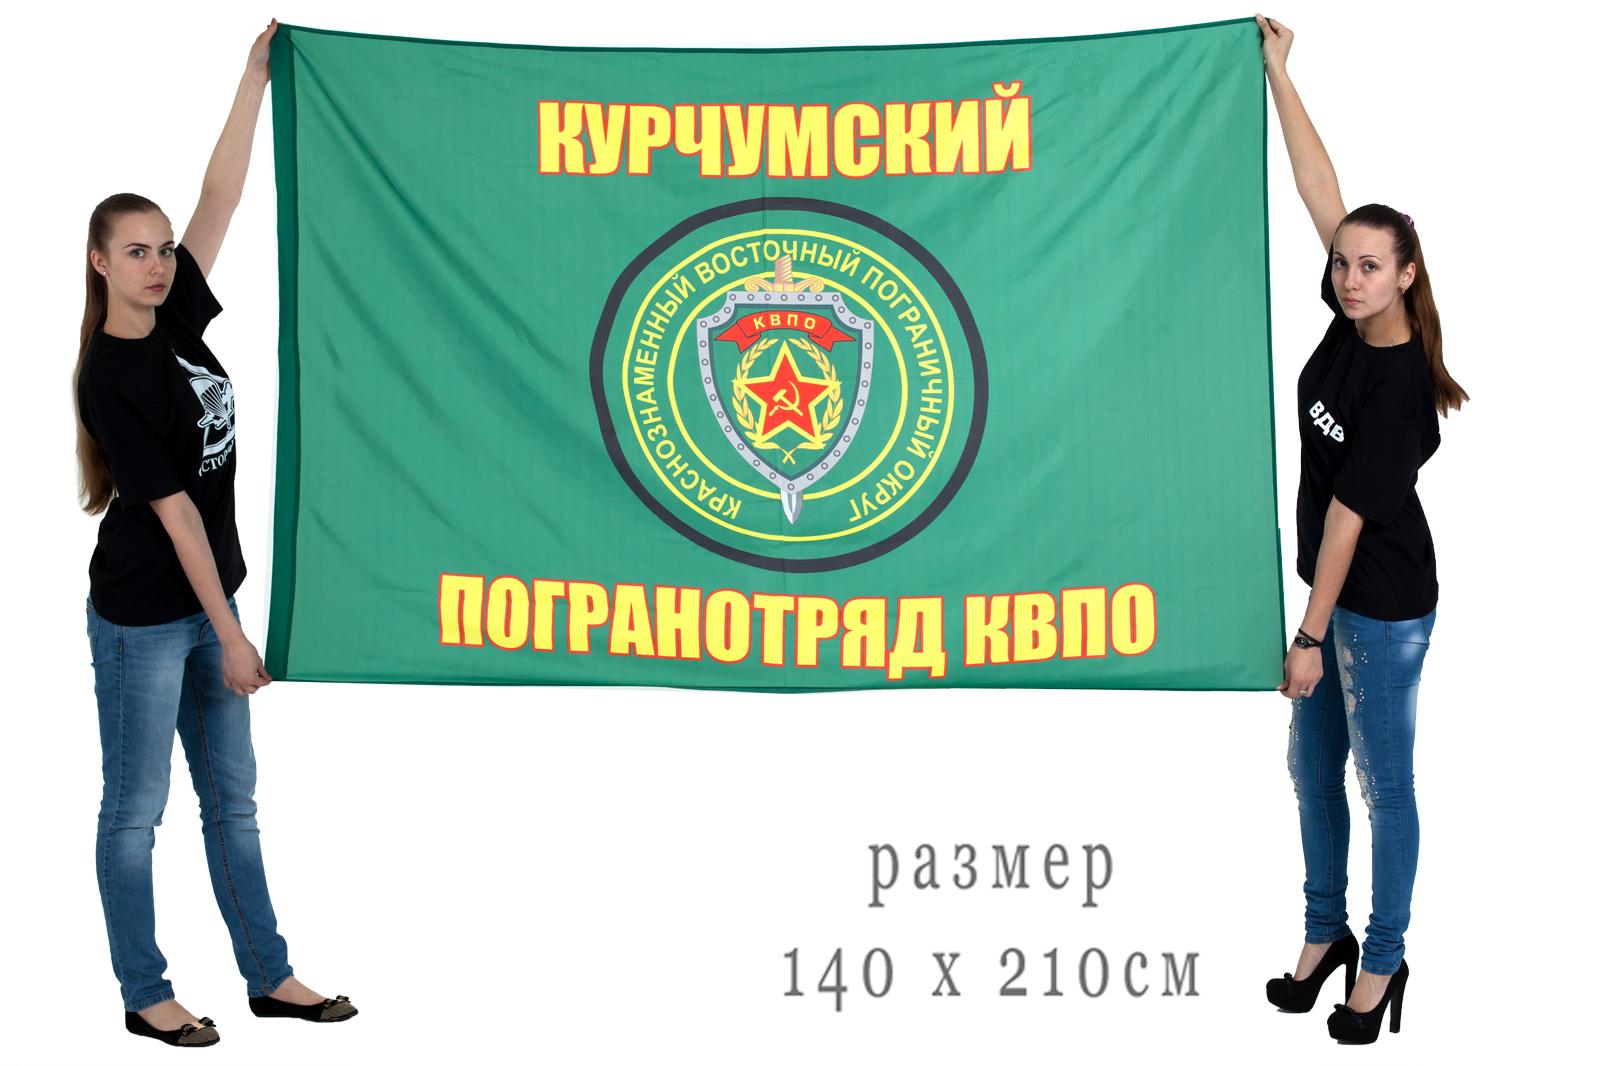 Флаг Курчумского погранотряда 140x210 см